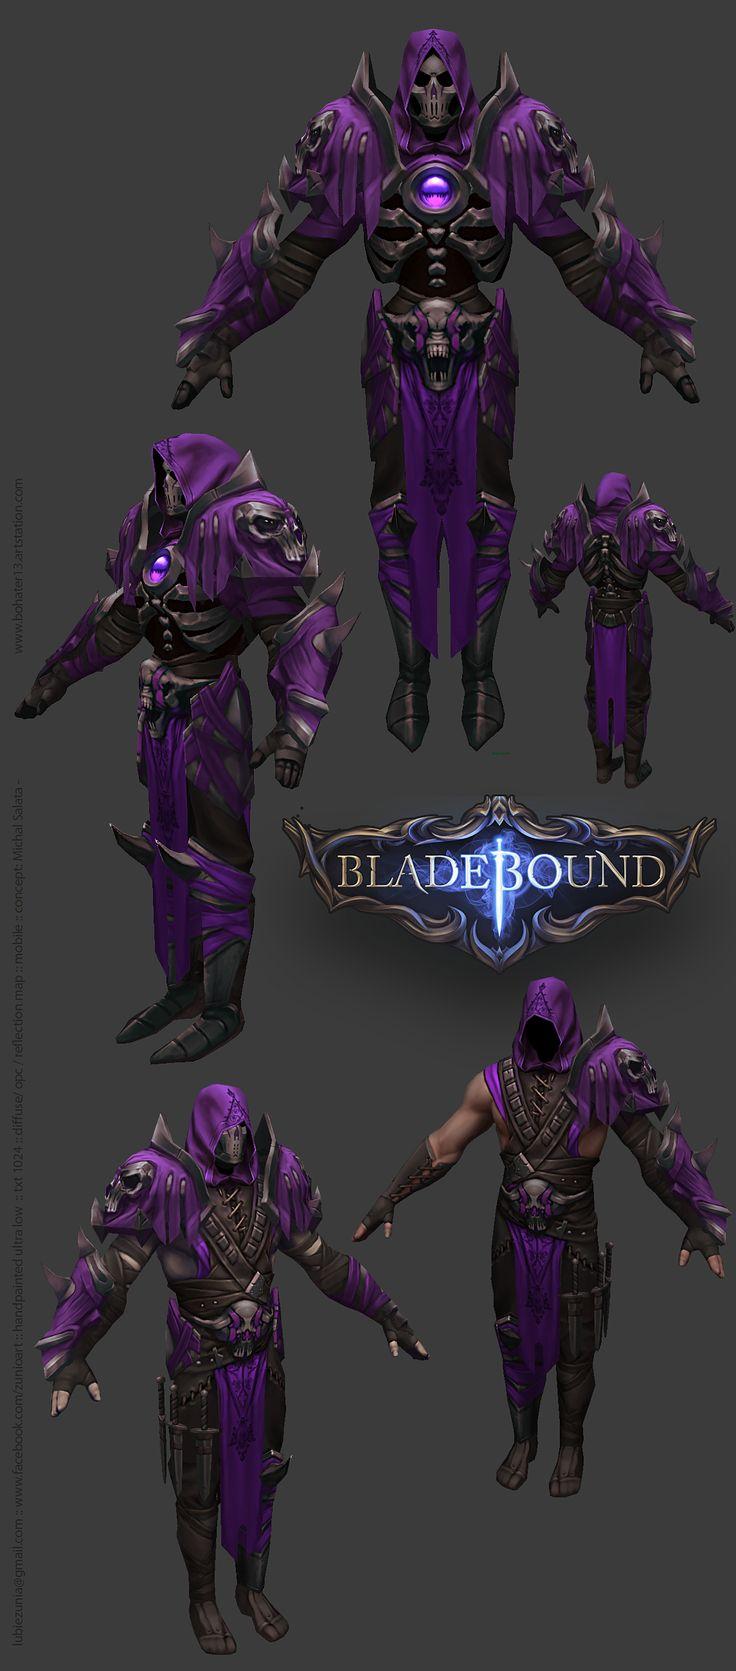 Bladebound Handpainted Dark Armor www.facebook.com/zunioart